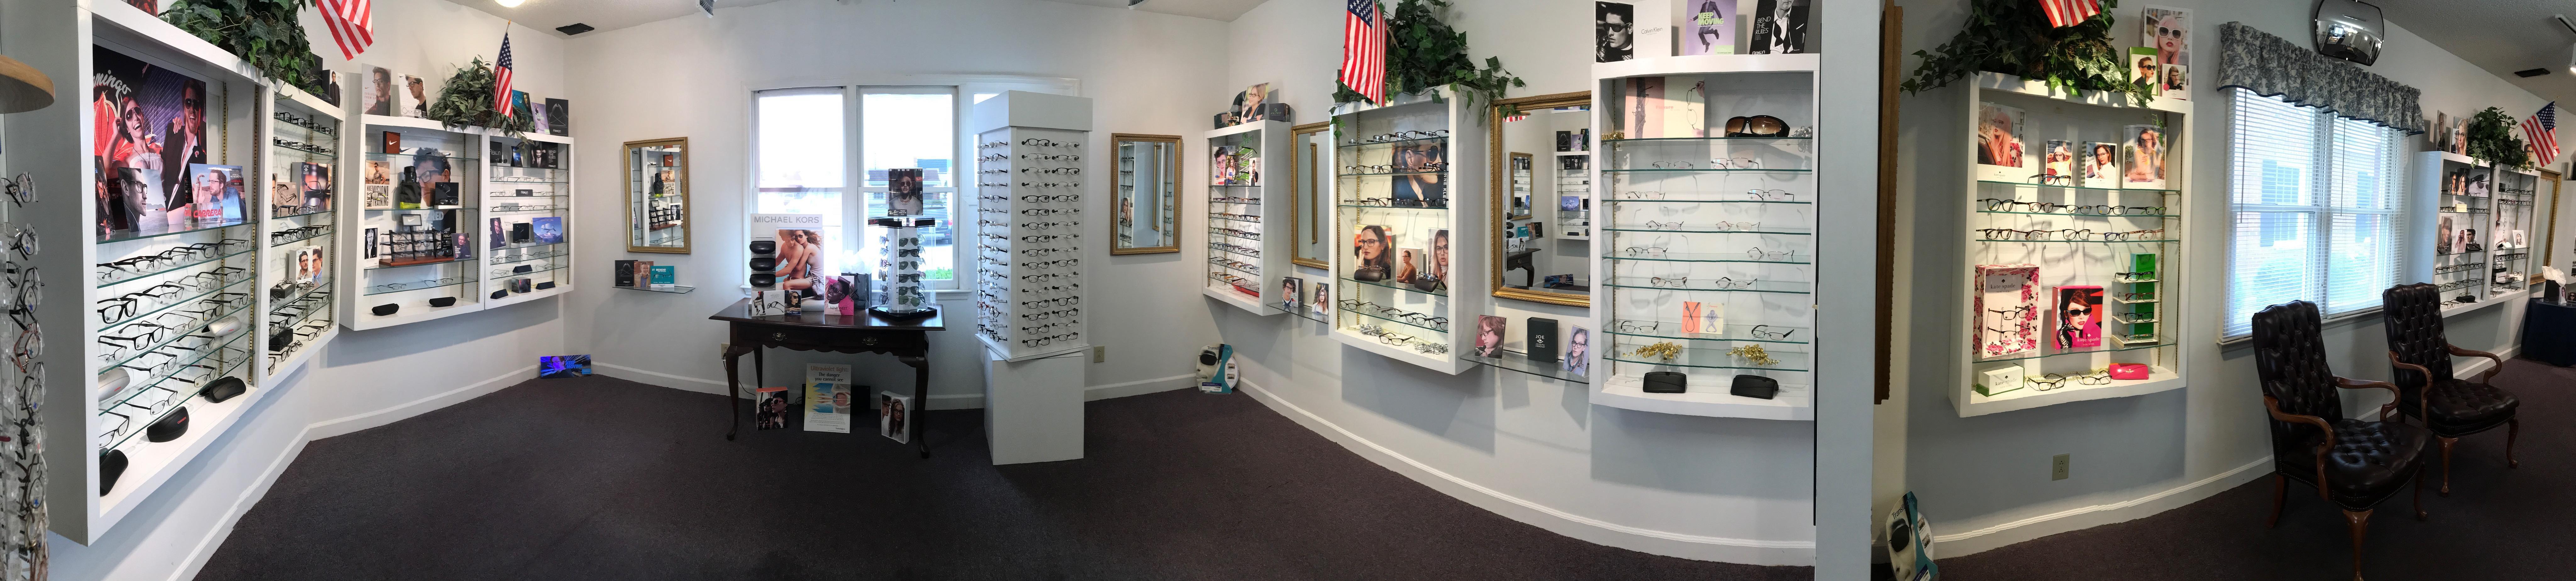 Community Eye Care image 16